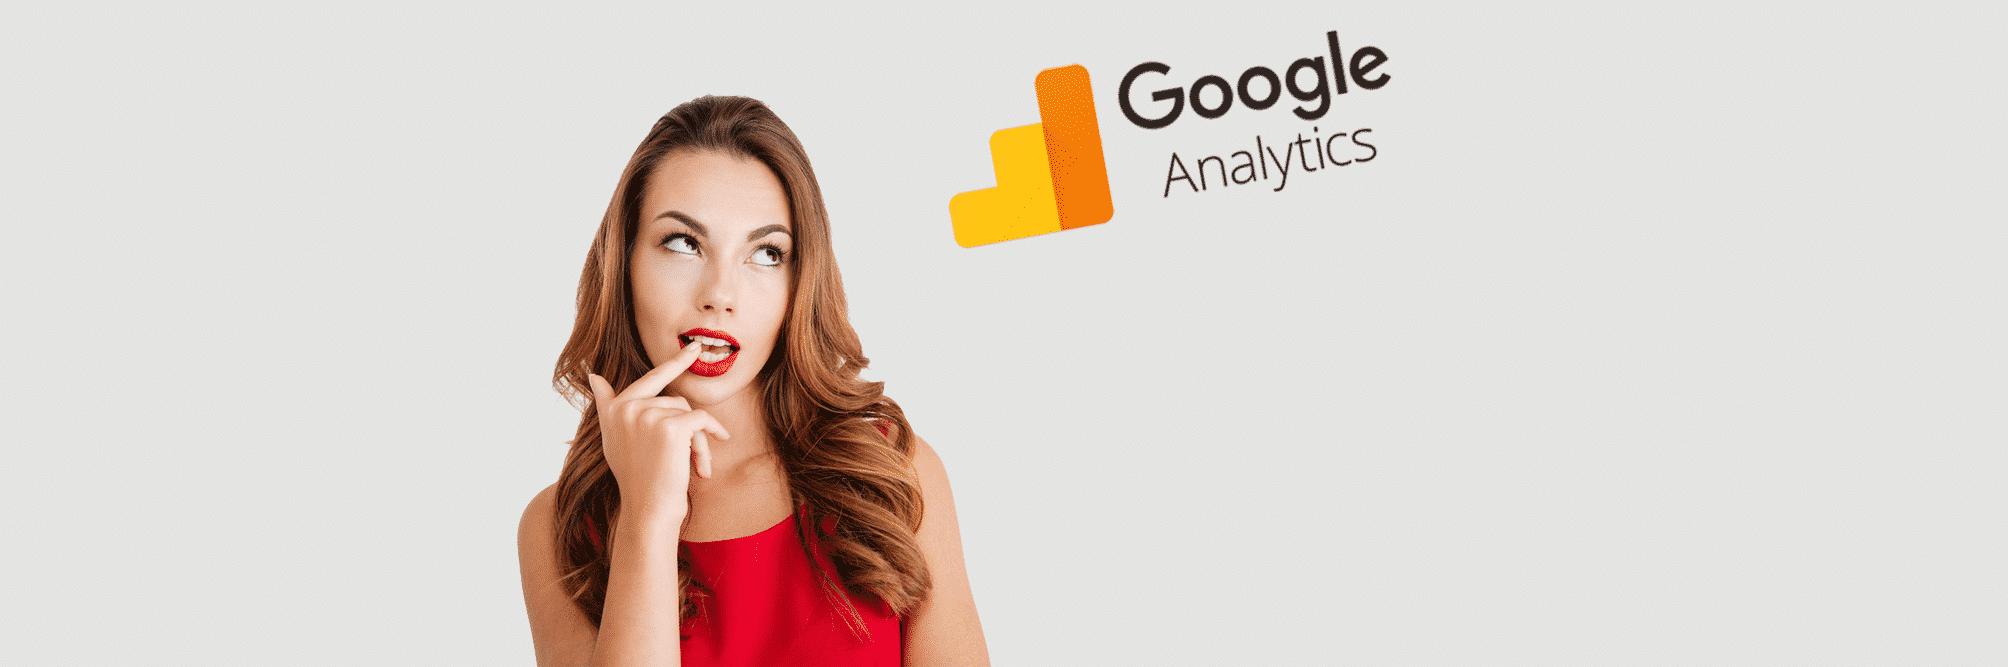 Google Analytics: Che cos'è e a che cosa serve